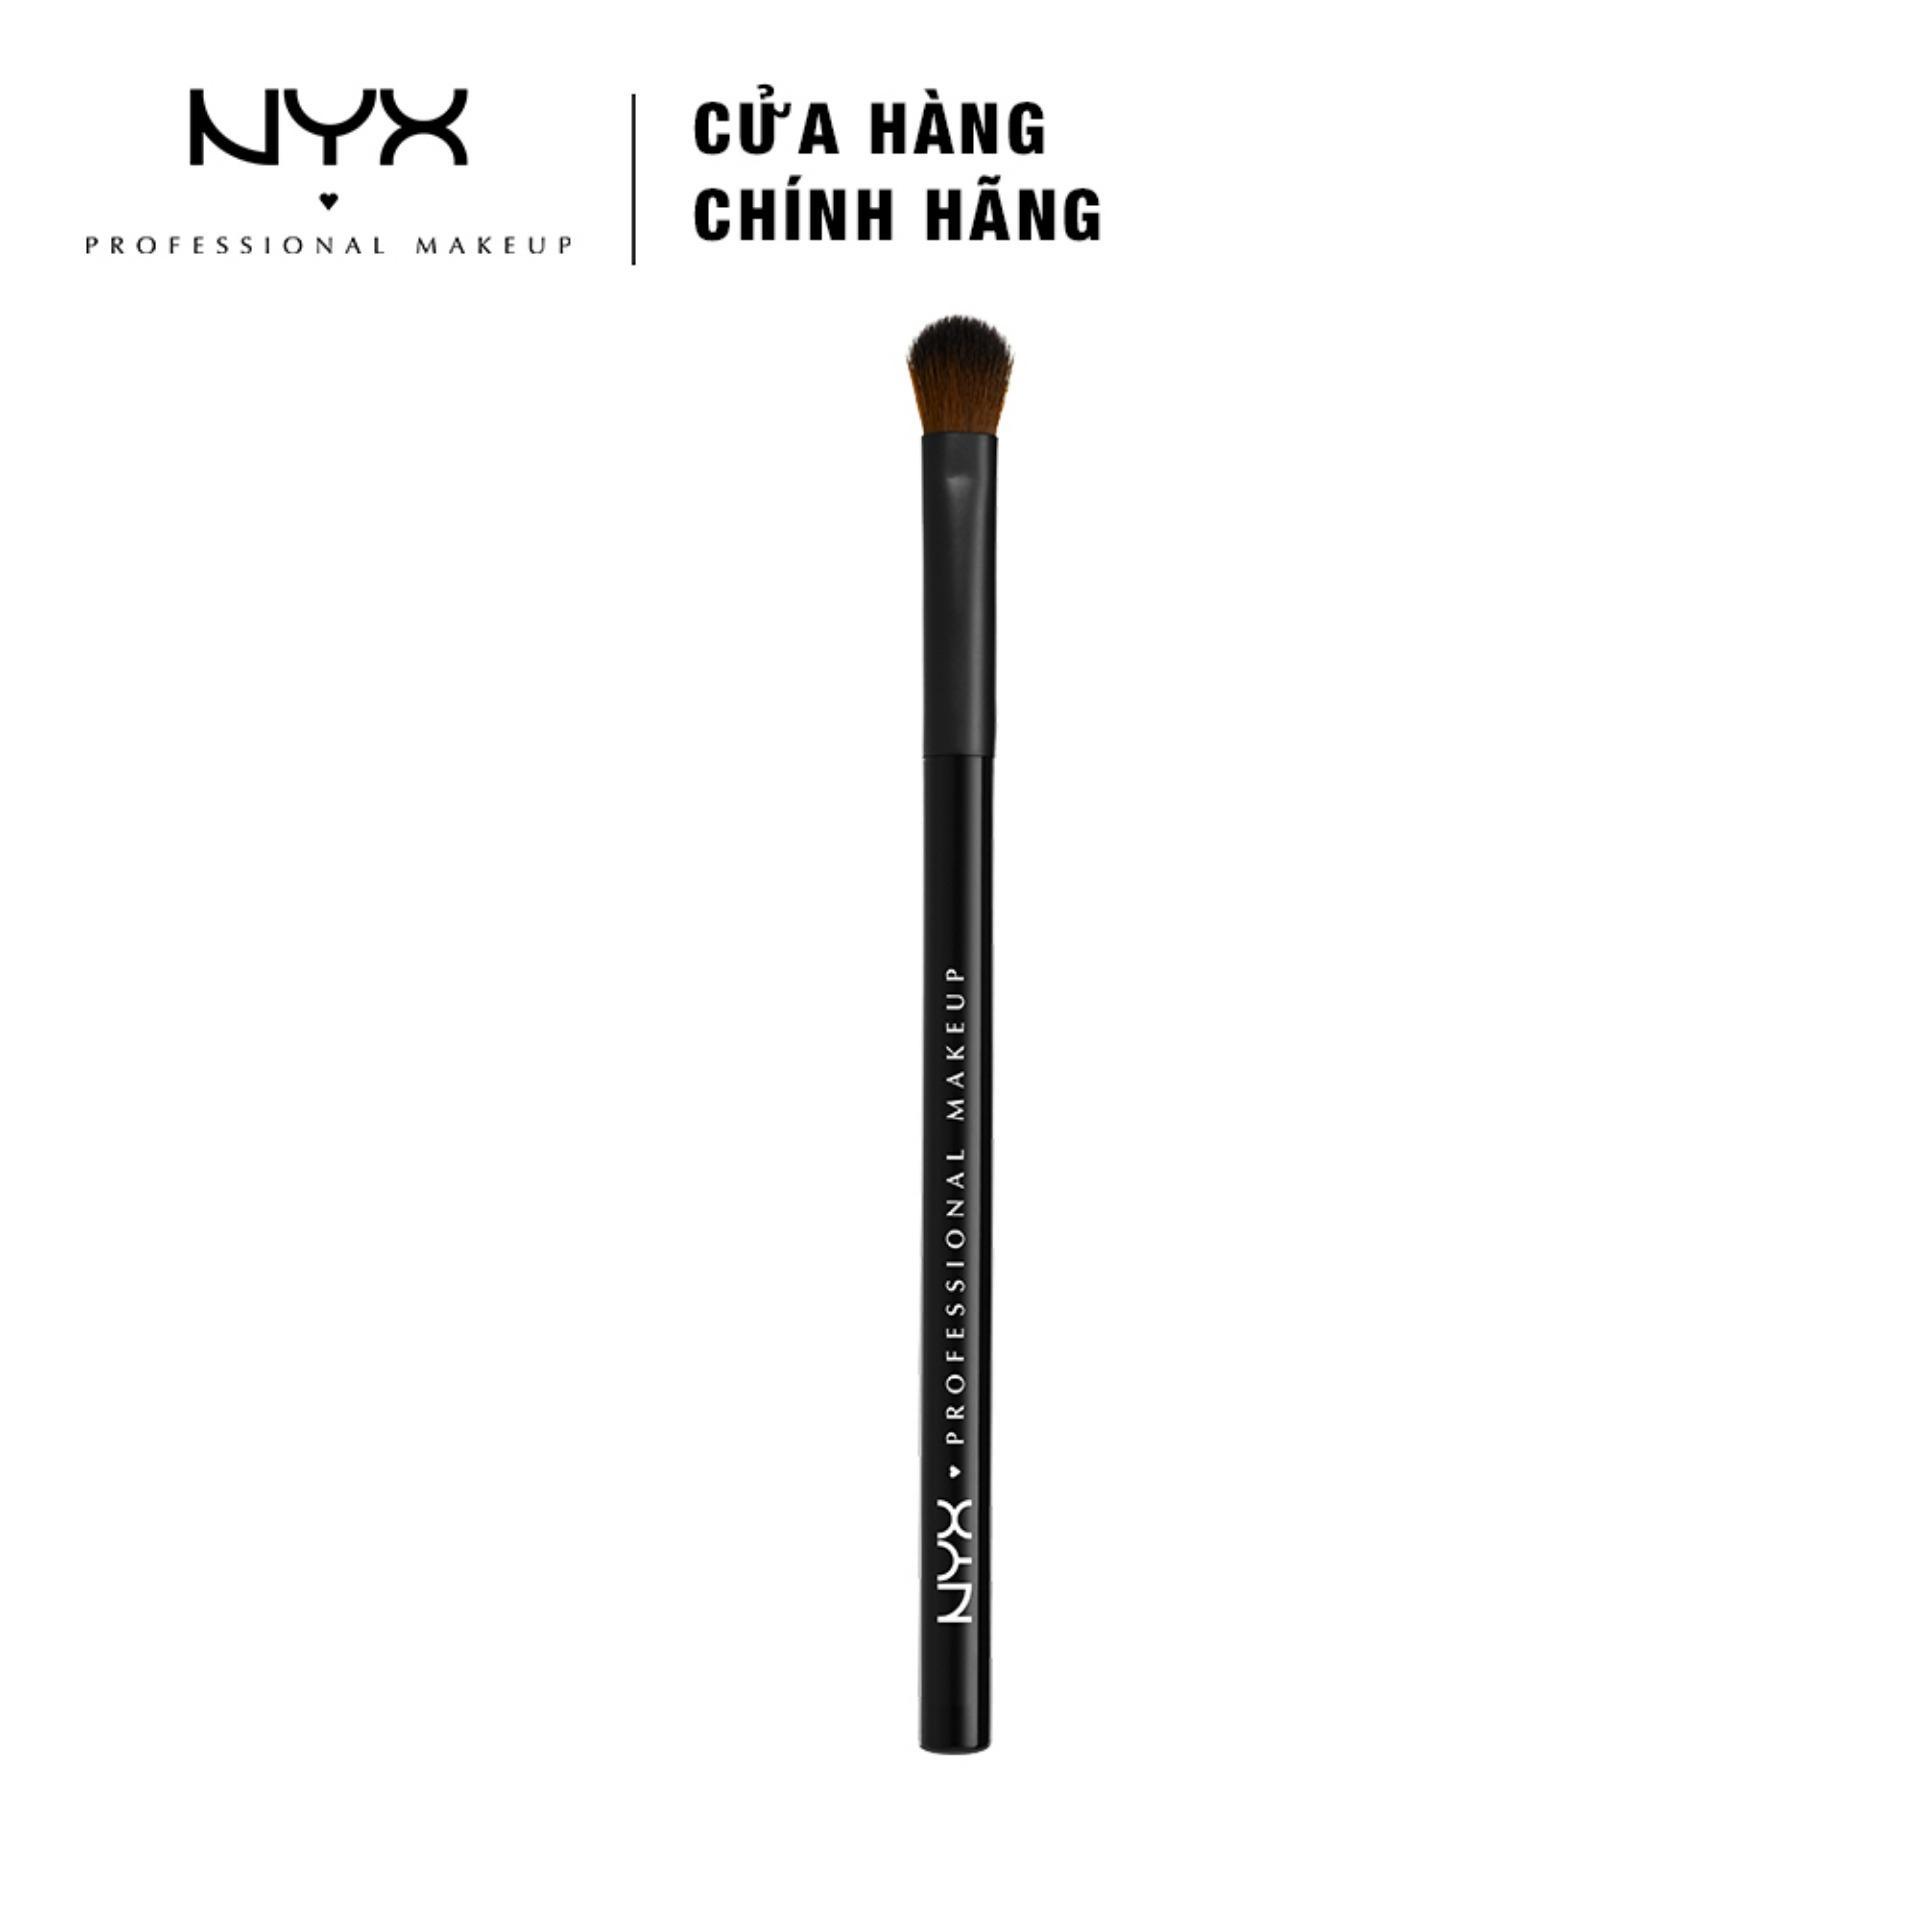 Cọ trang điểm NYX Professional Makeup Pro Brush PROB13 Shading